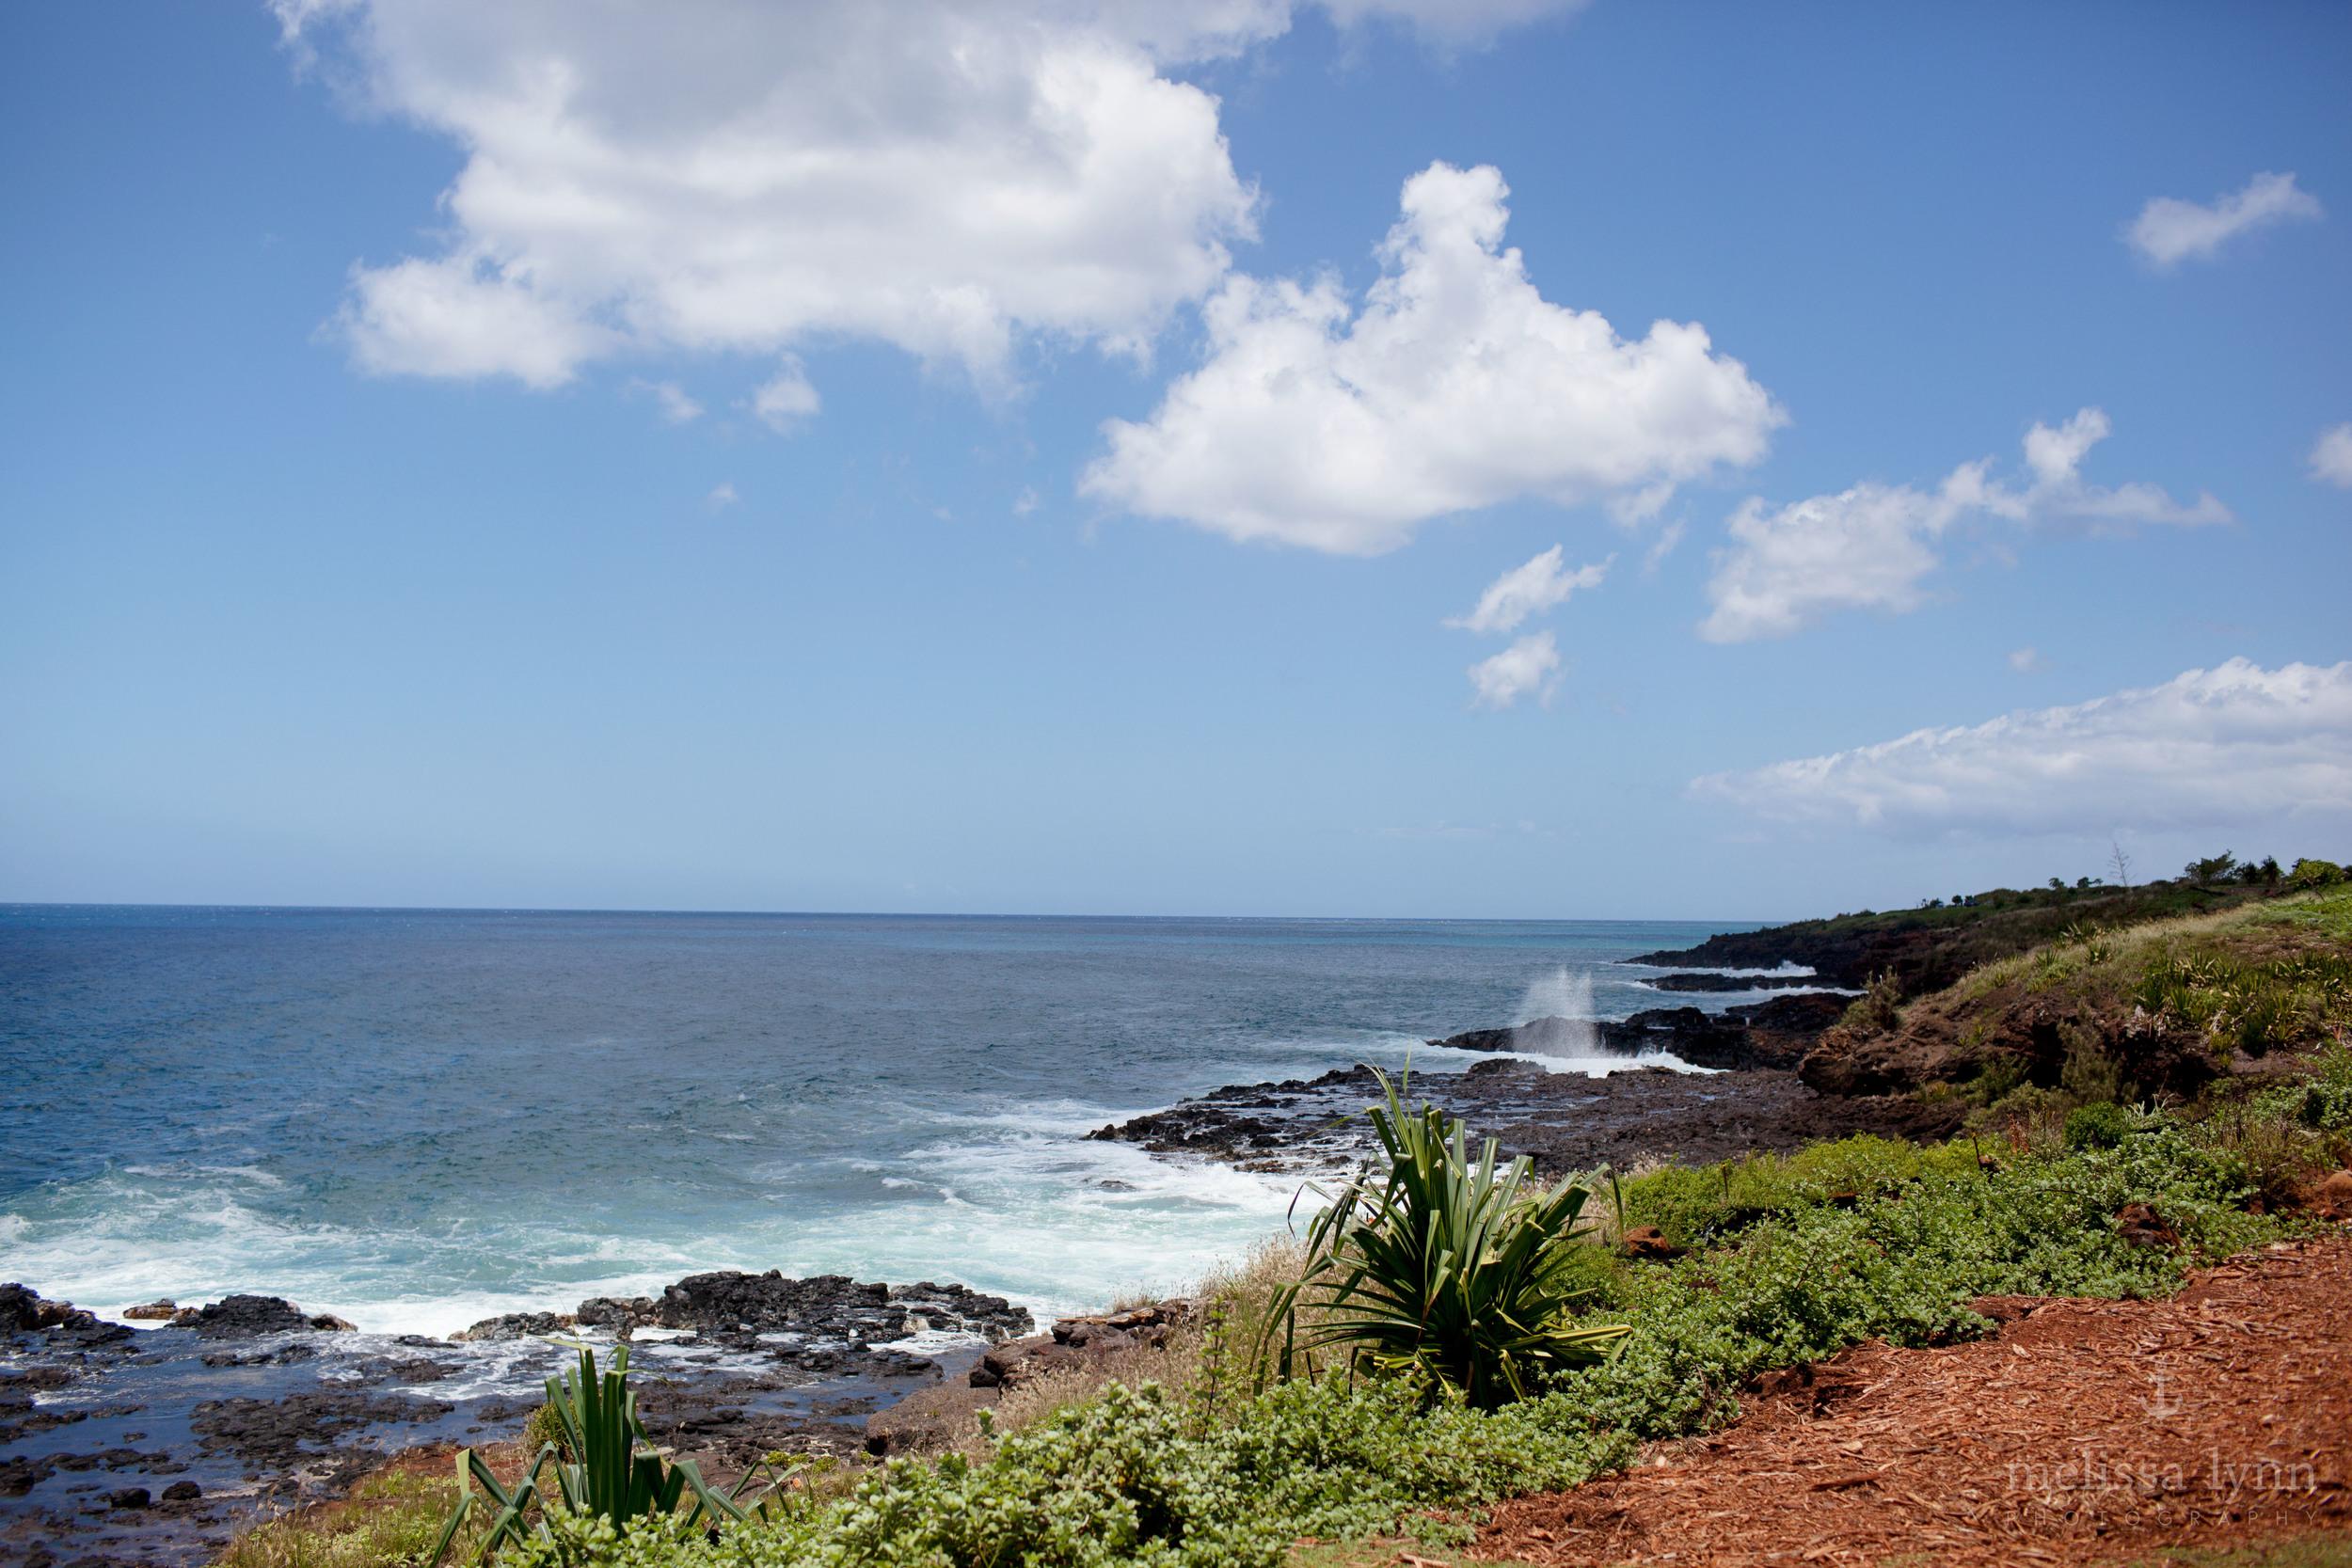 kauai_web-16.jpg